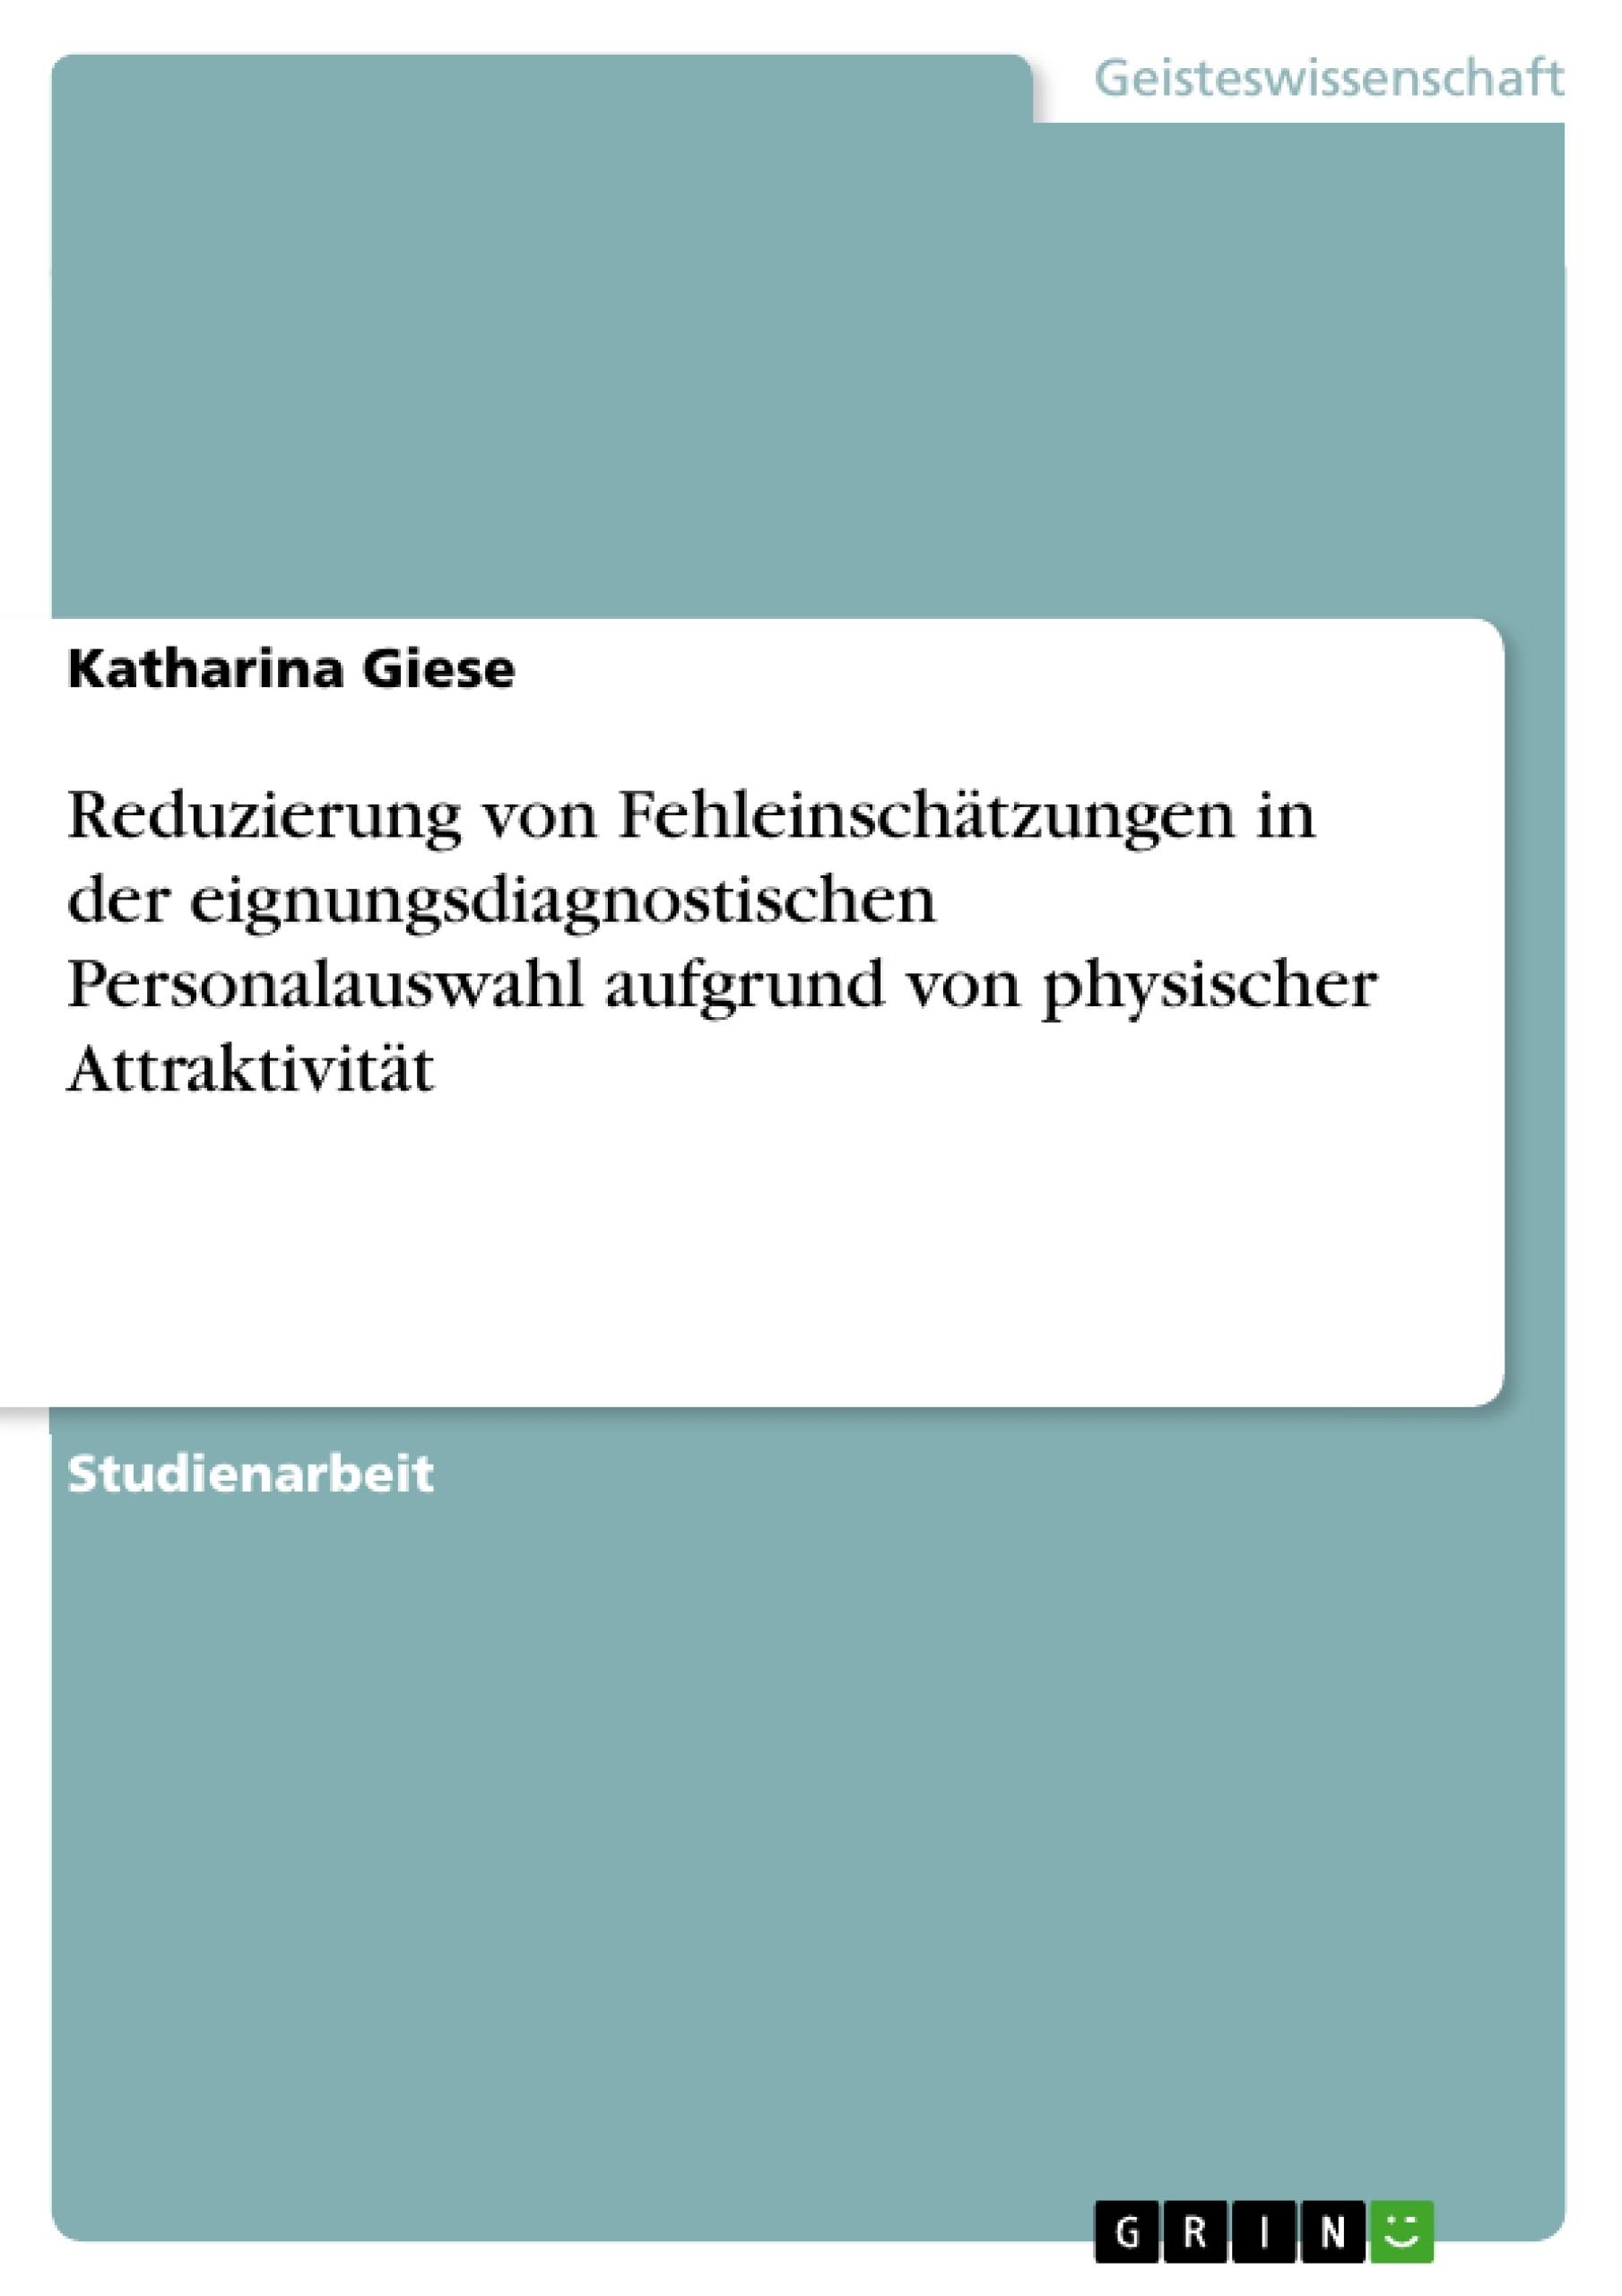 Titel: Reduzierung von Fehleinschätzungen in der eignungsdiagnostischen Personalauswahl aufgrund von physischer Attraktivität